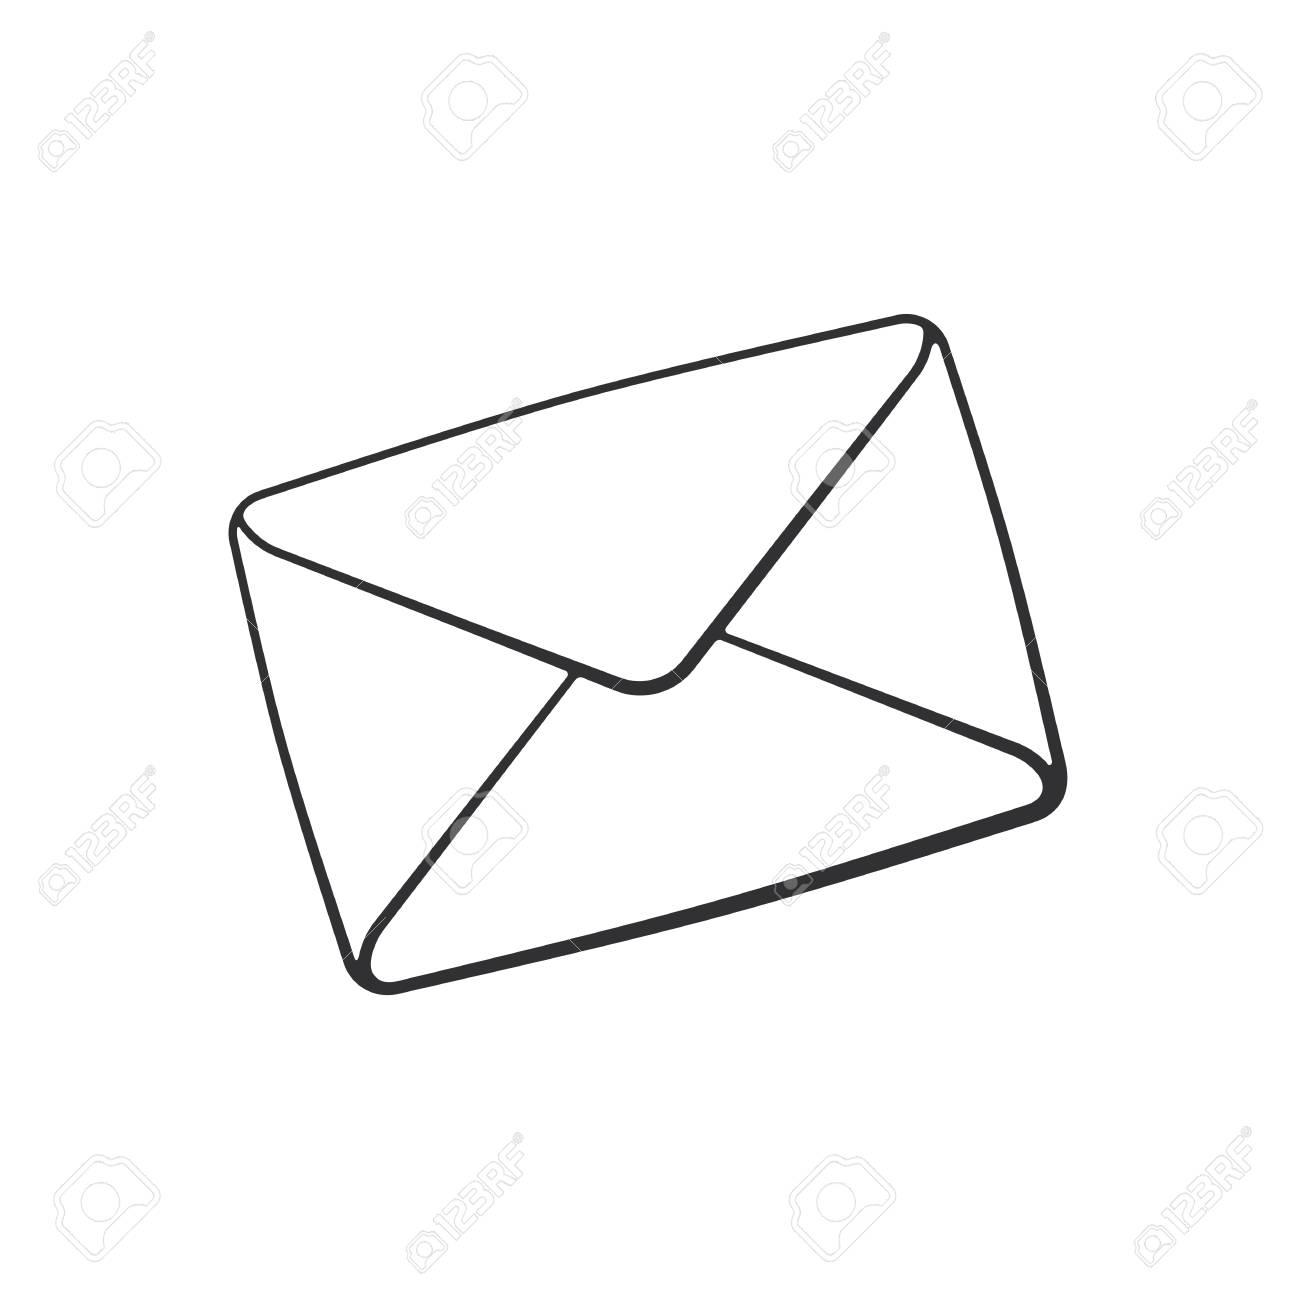 Dessin D Enveloppe illustration vectorielle doodle dessiné main d'enveloppe fermée. pas